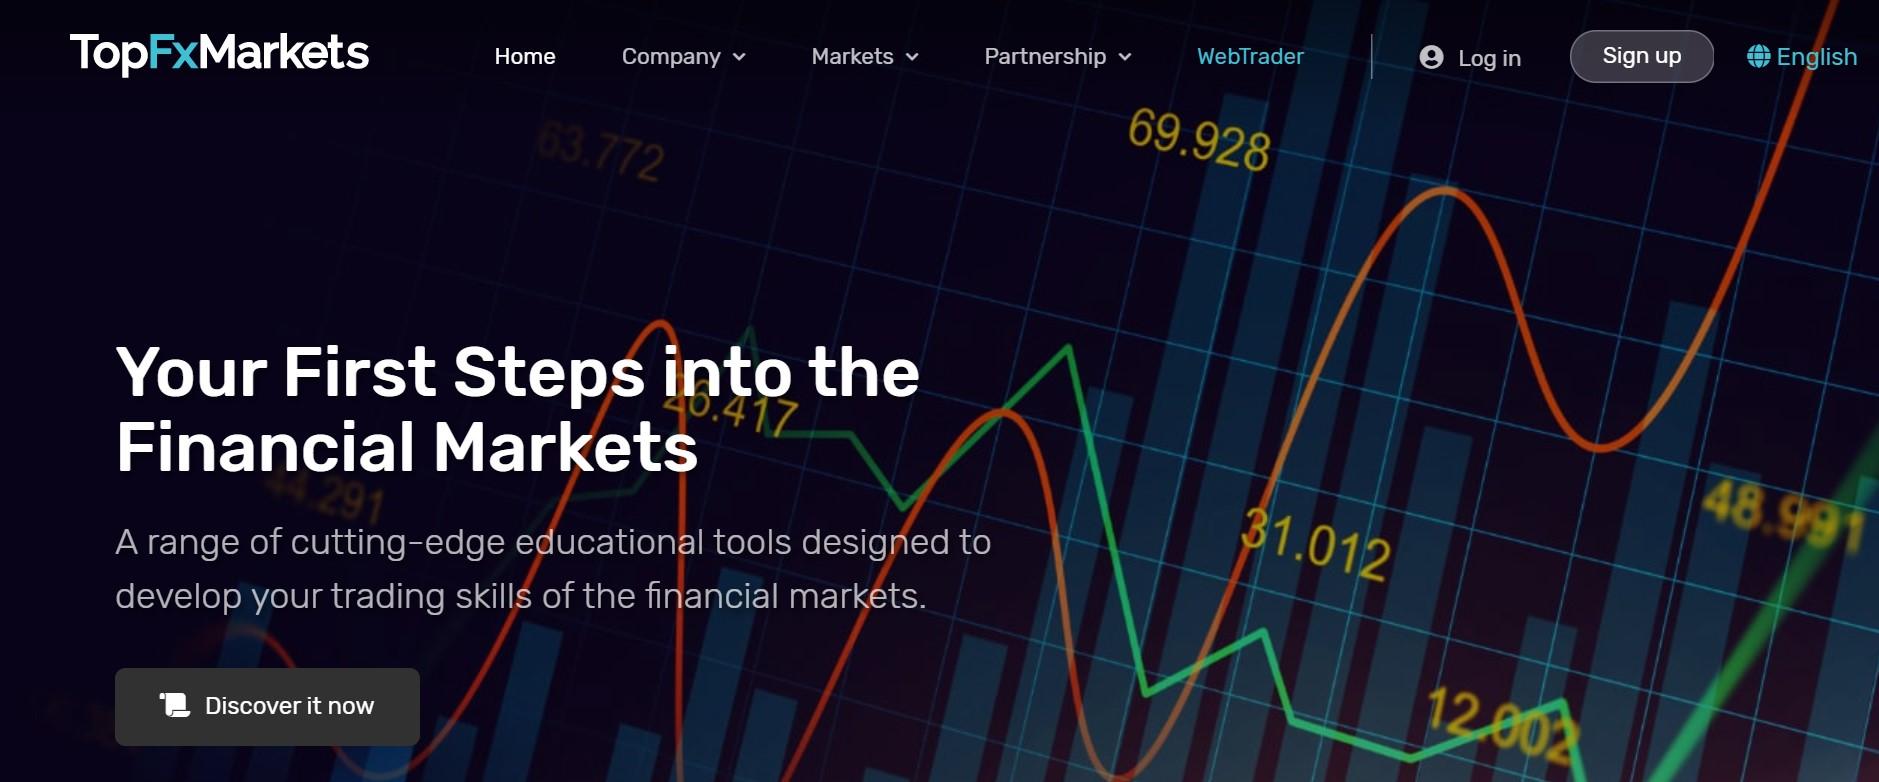 TopFxMarkets website